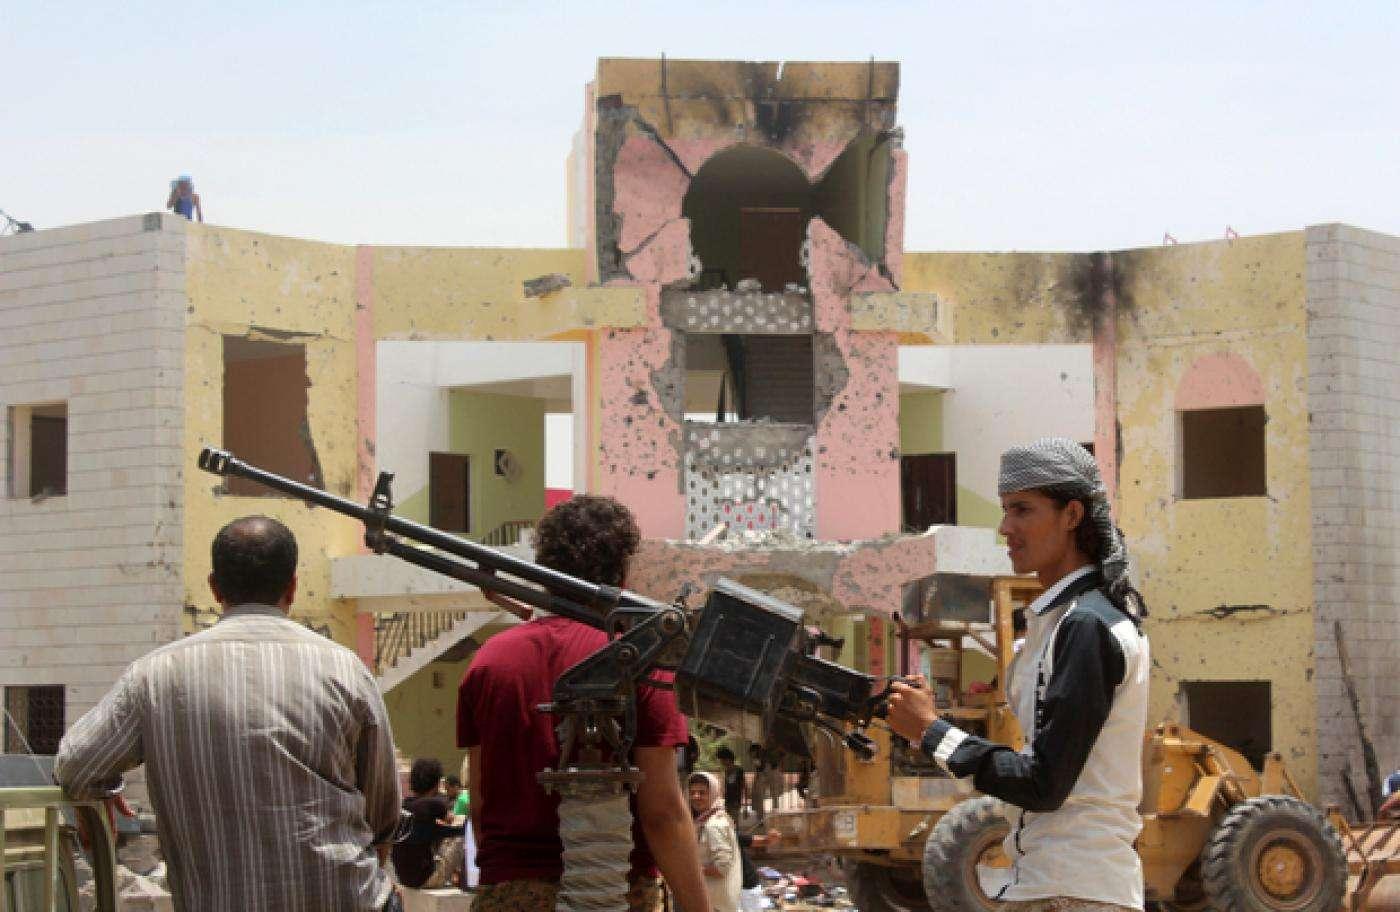 Selon l'ONU, la guerre civile au Yémen a fait au moins 10 000 morts